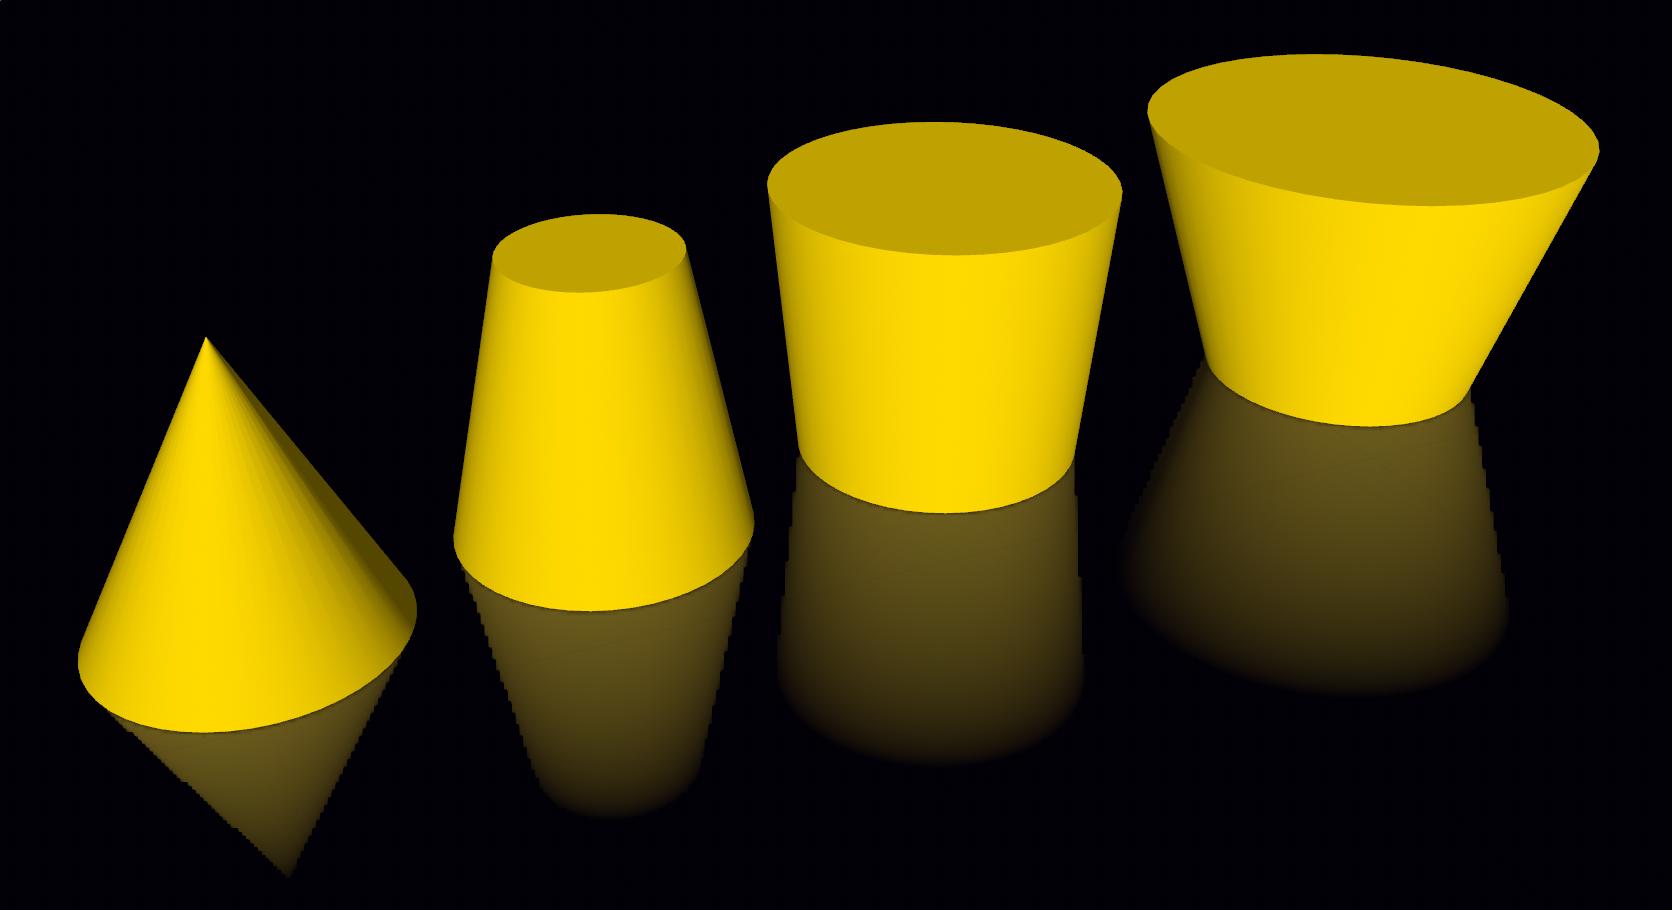 Figure 10. Cones with different top radius value.